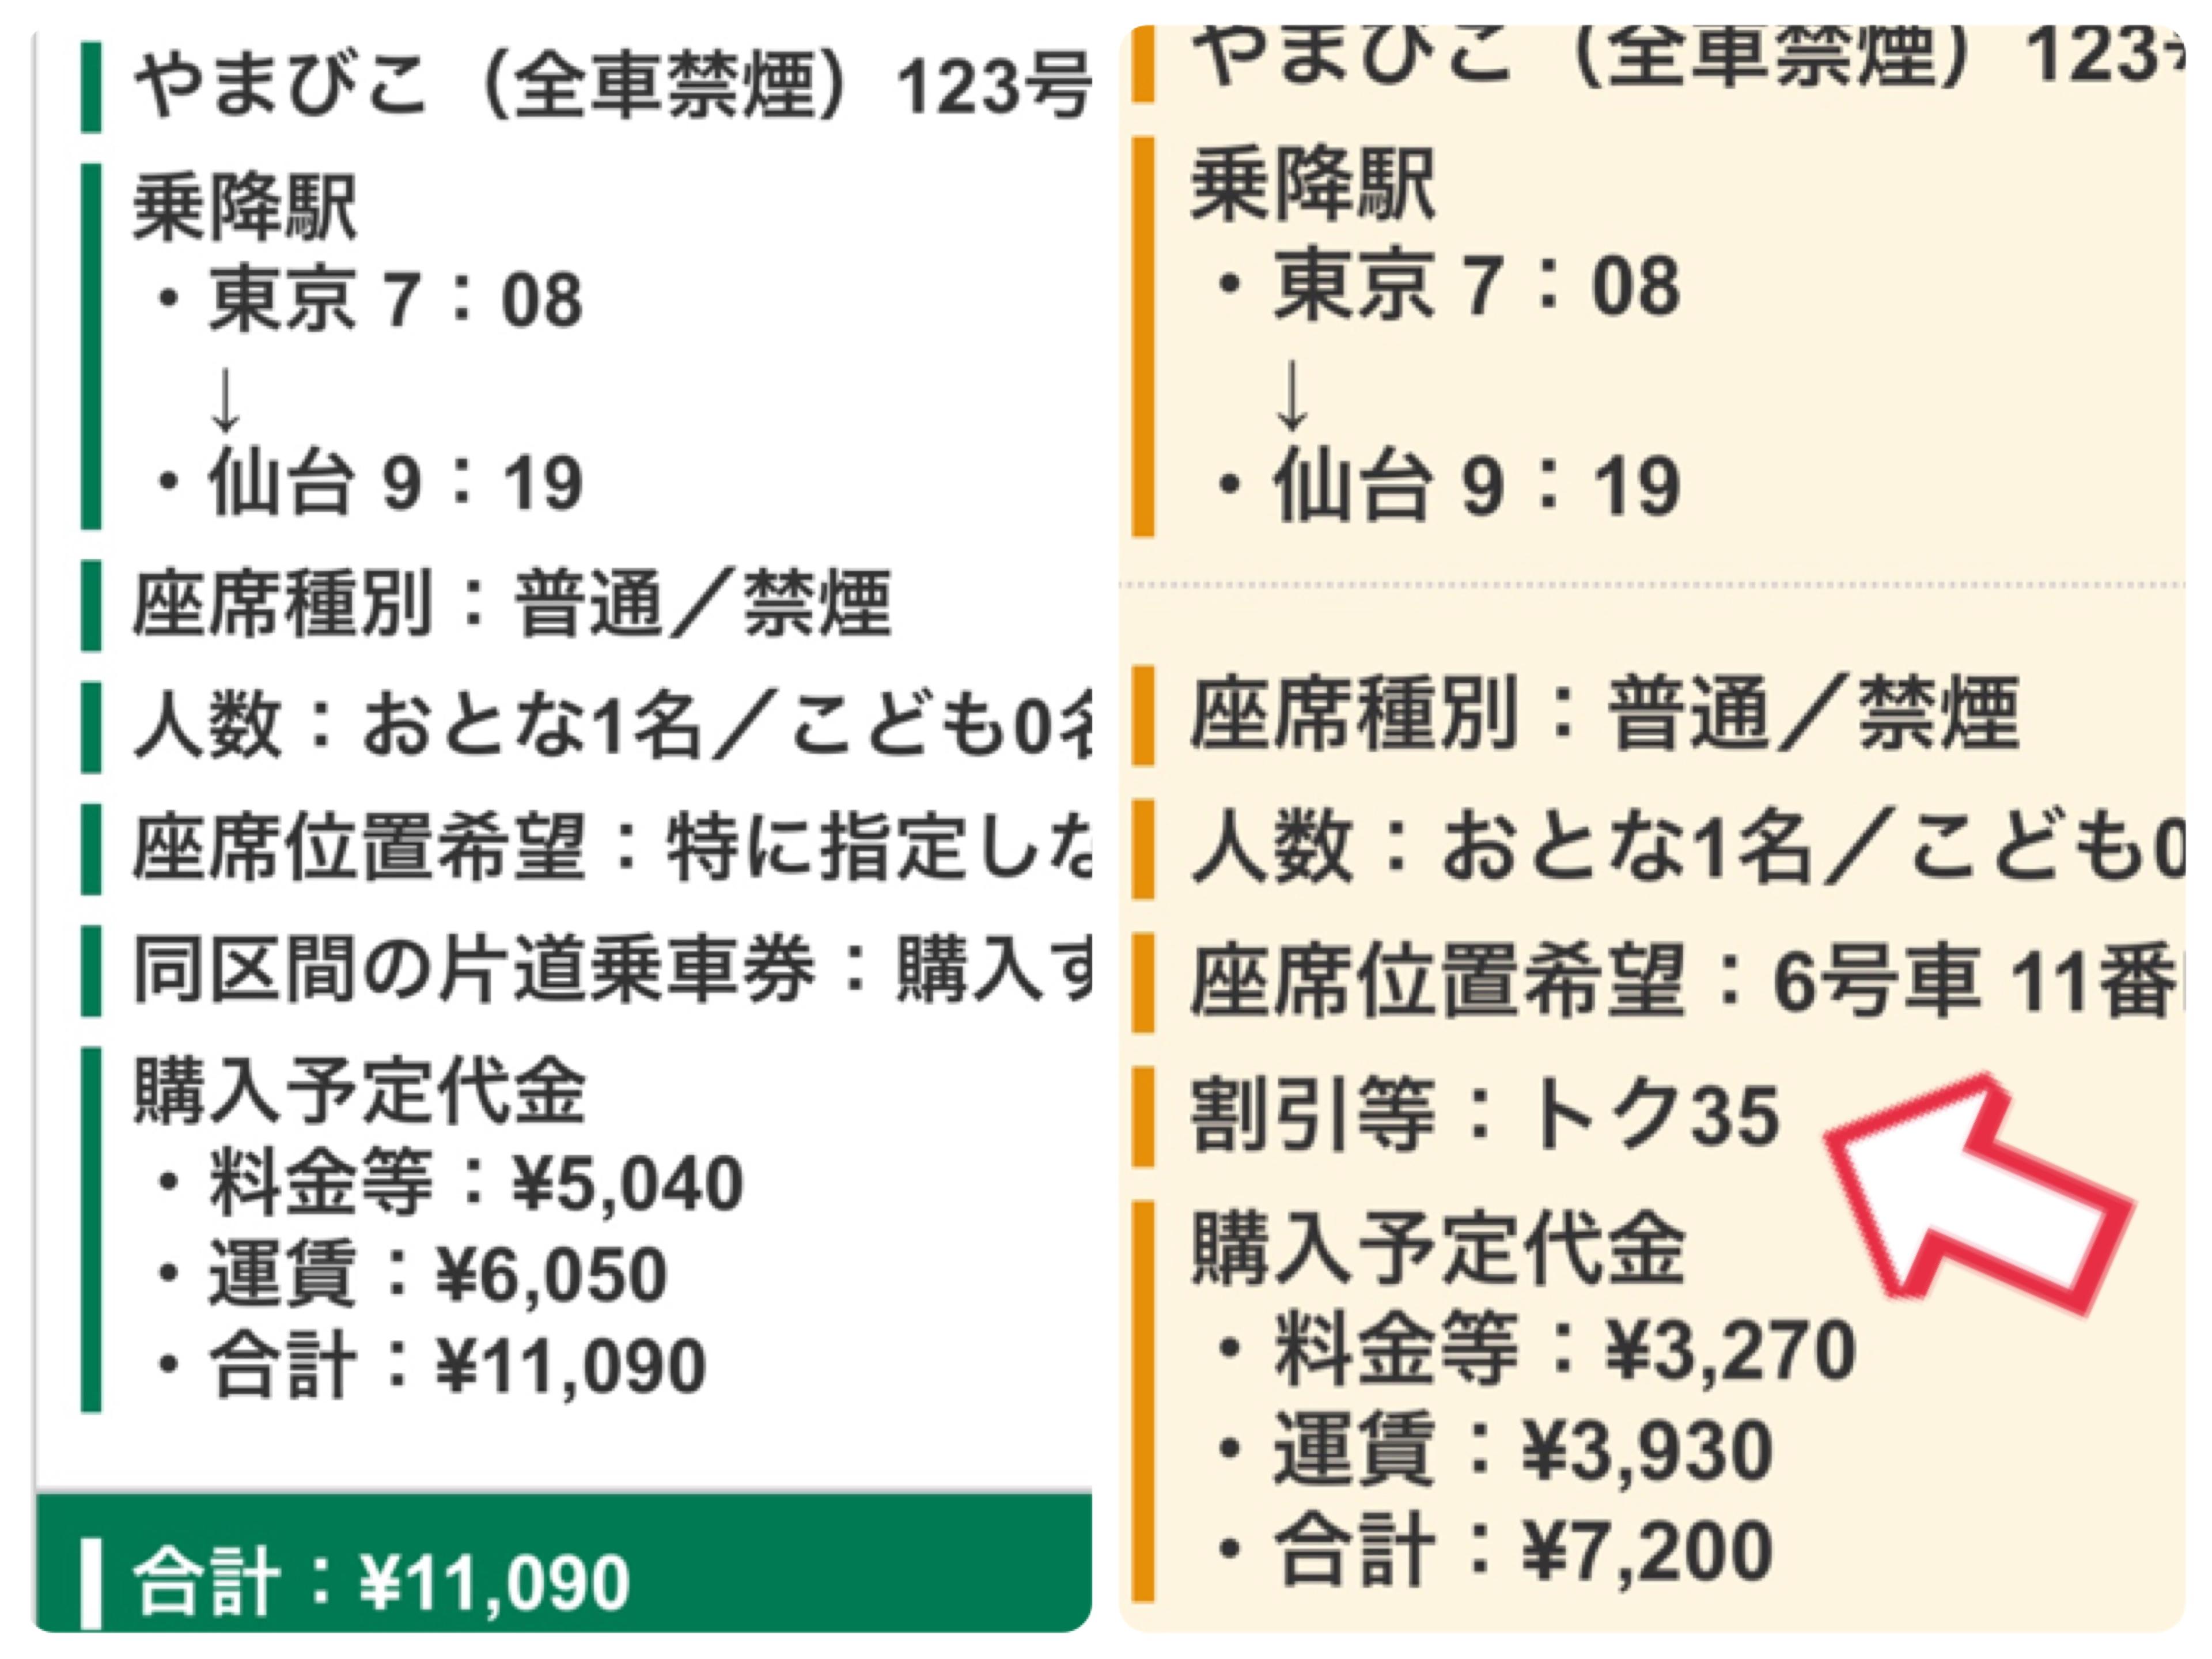 新幹線割引で節約できた金額 やまびこ